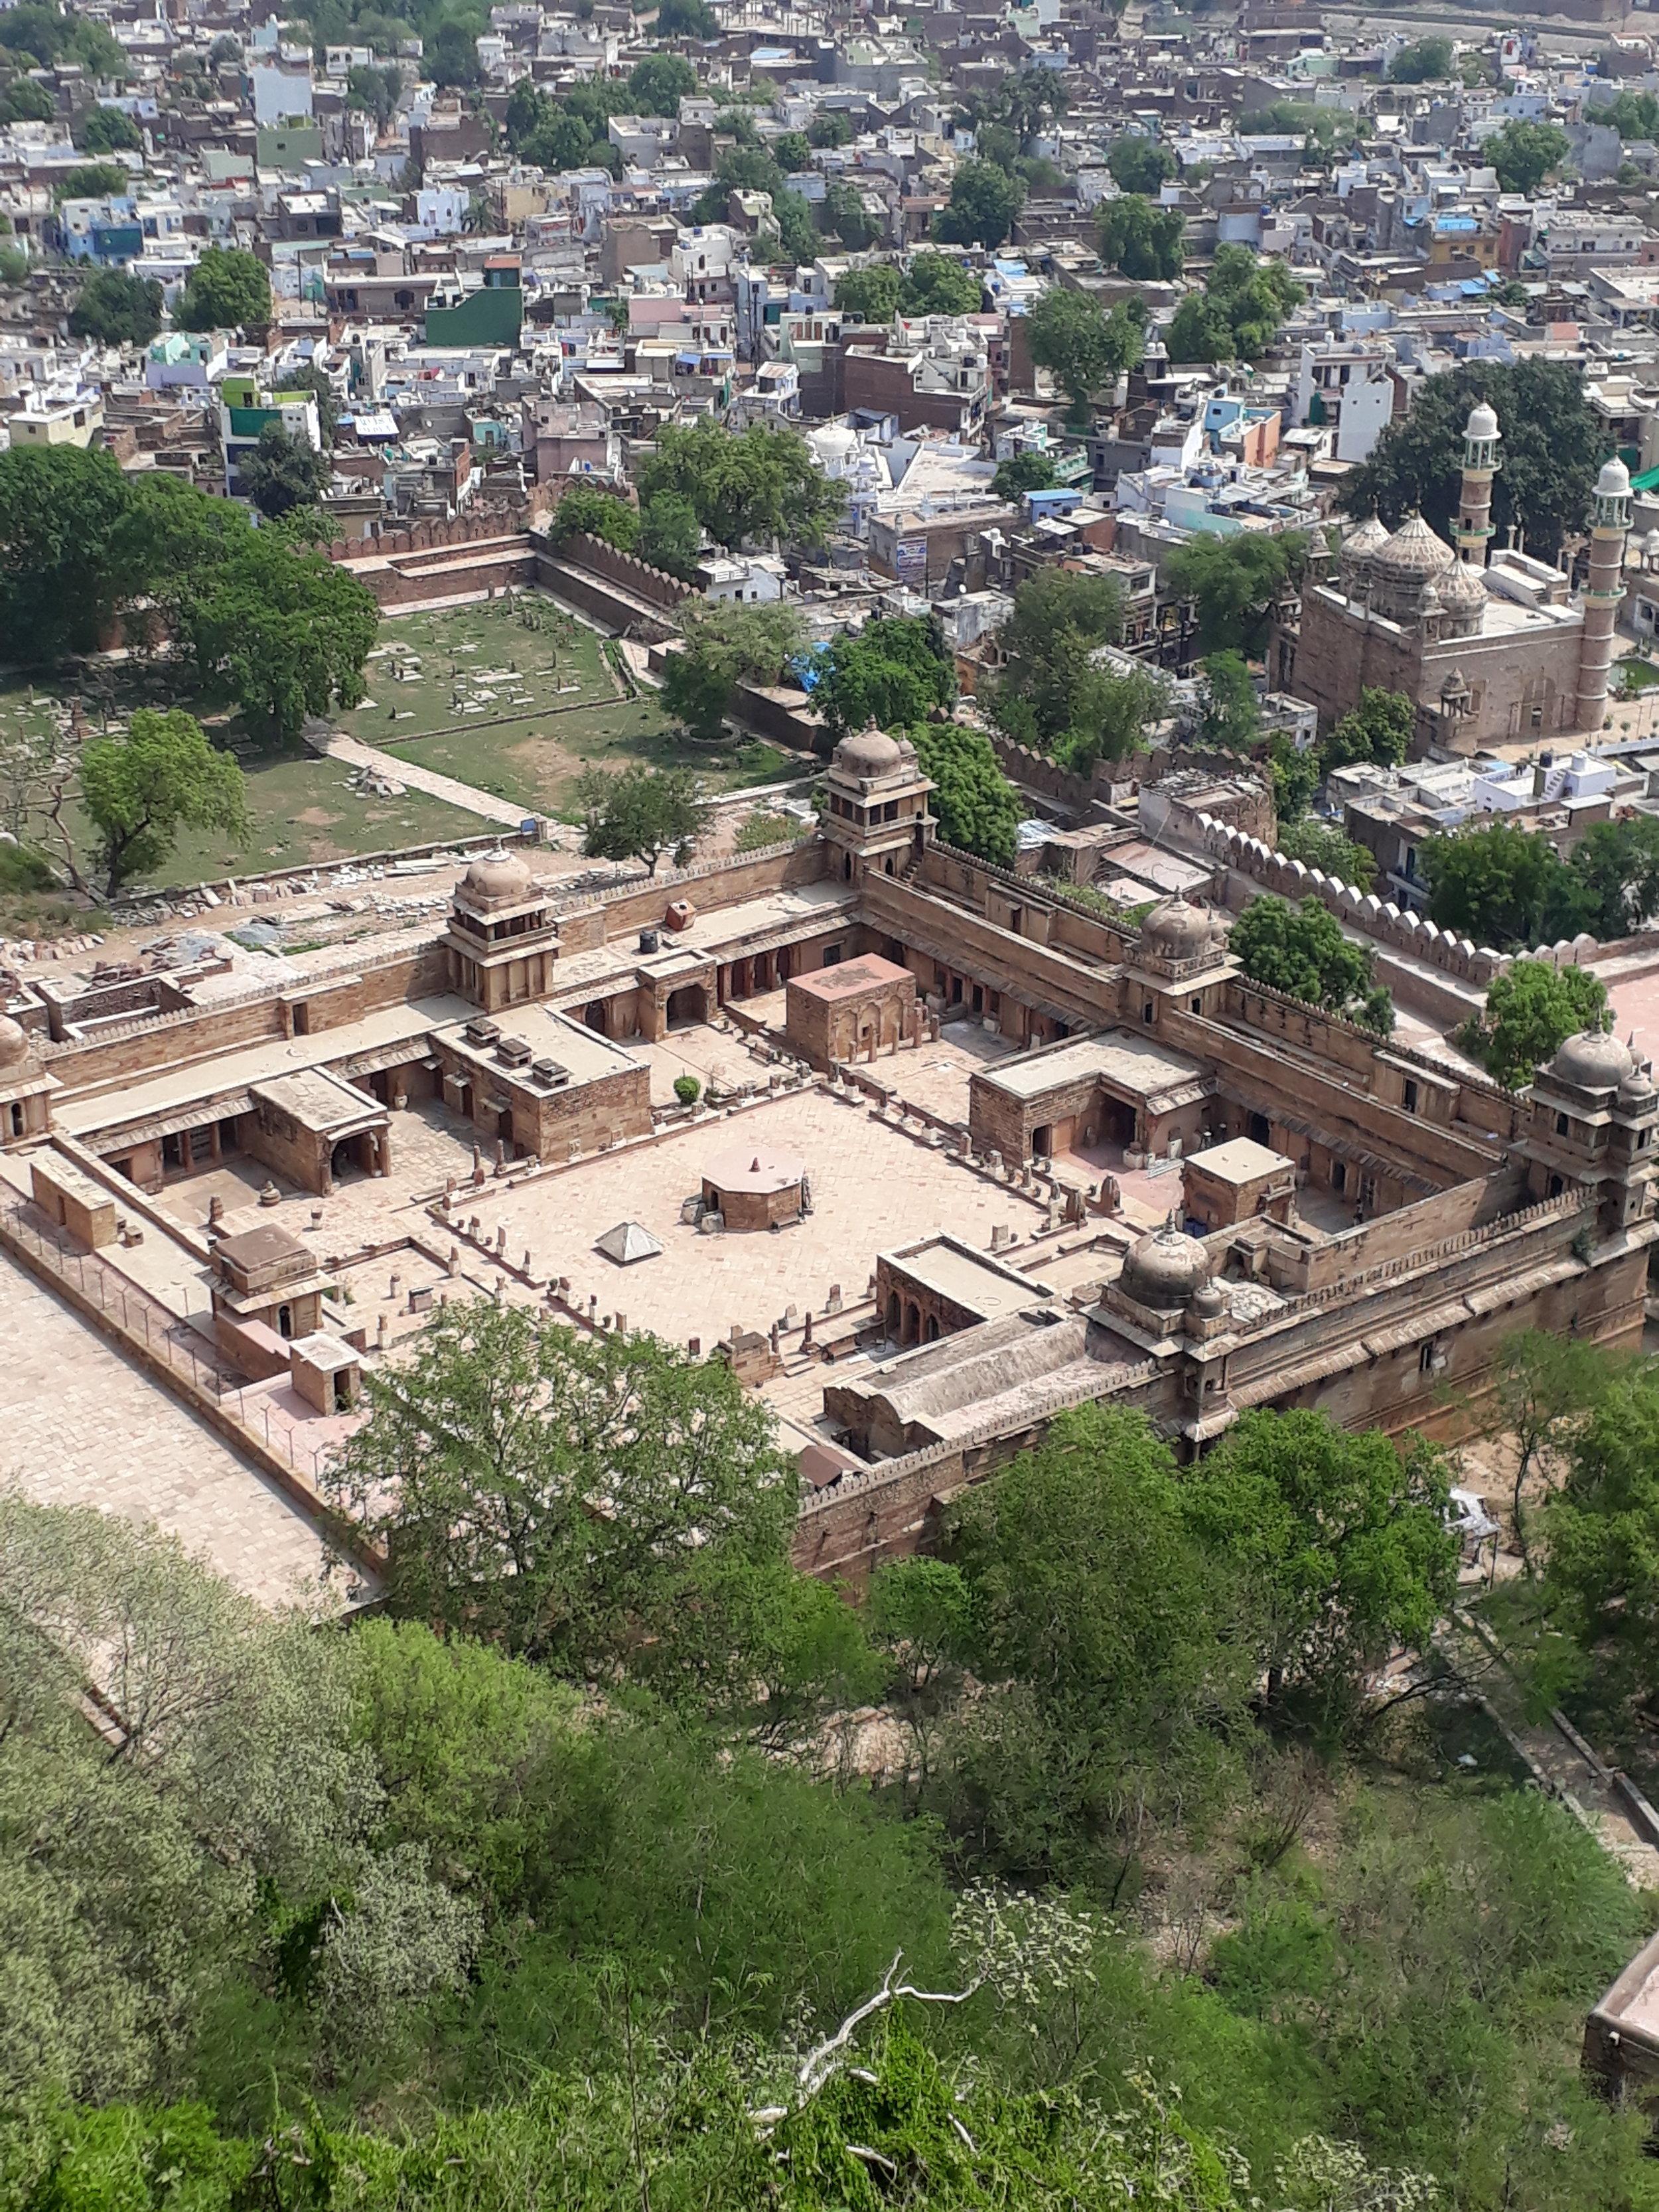 The Gurjari Mahal